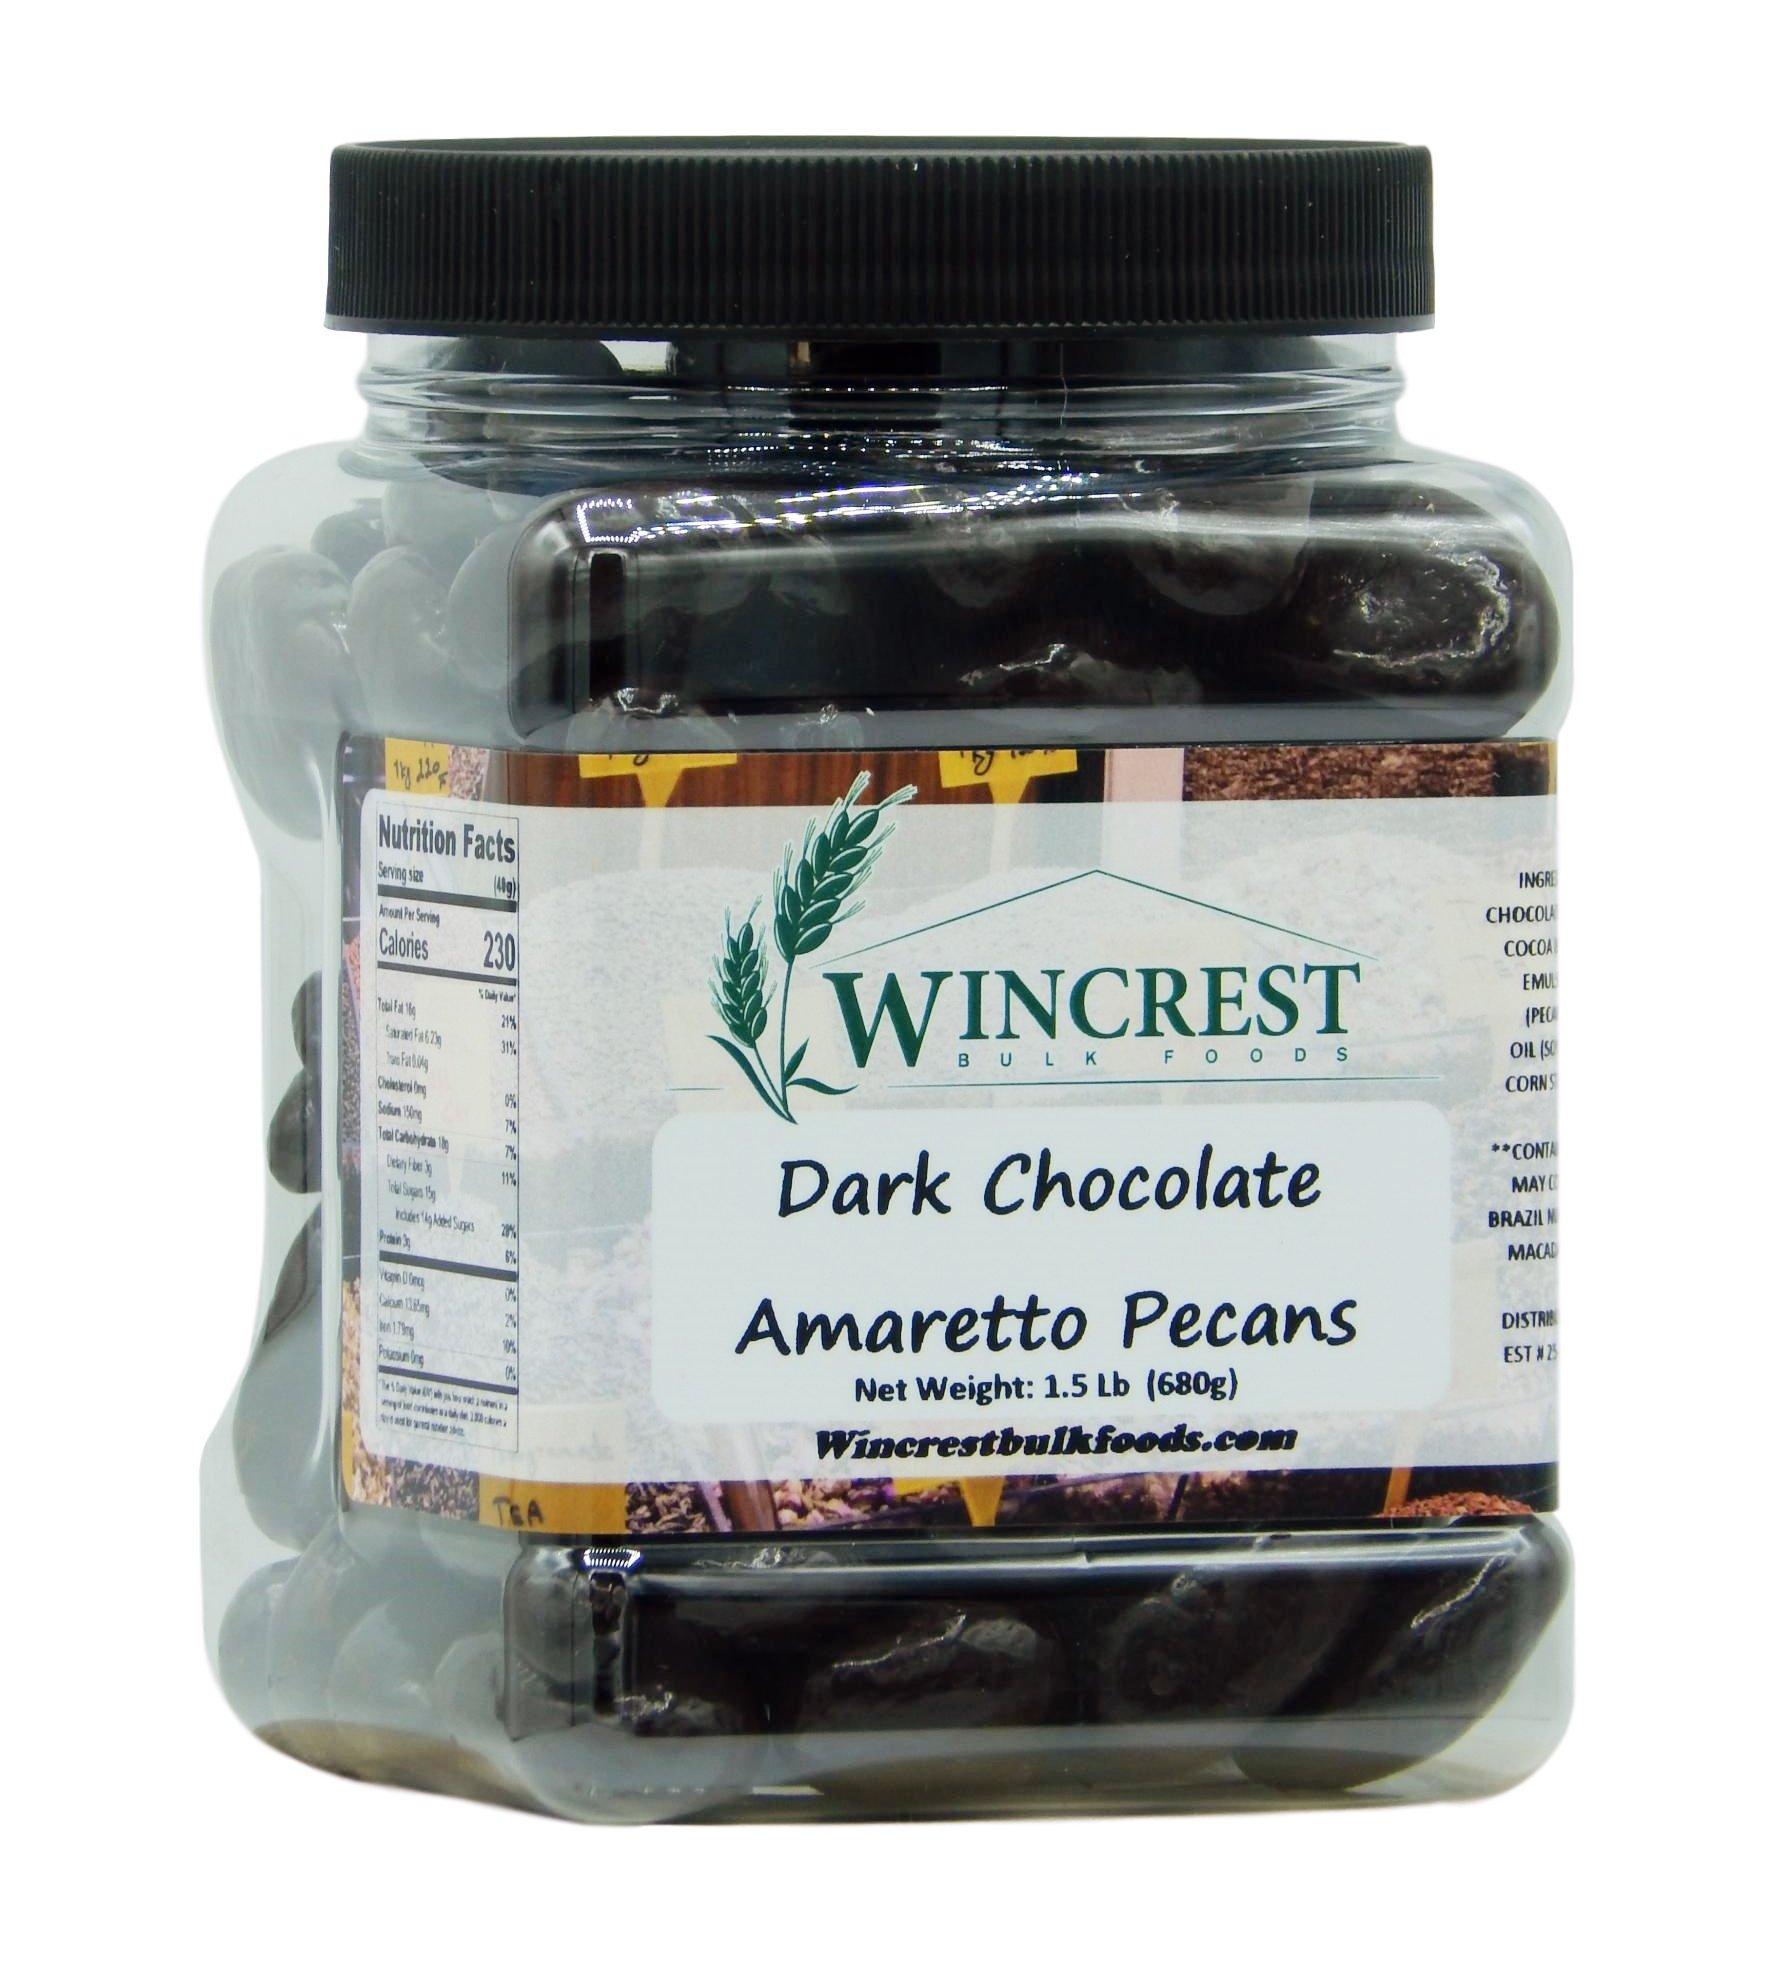 Dark Chocolate Amaretto Pecans - 1.5 Lb Tub